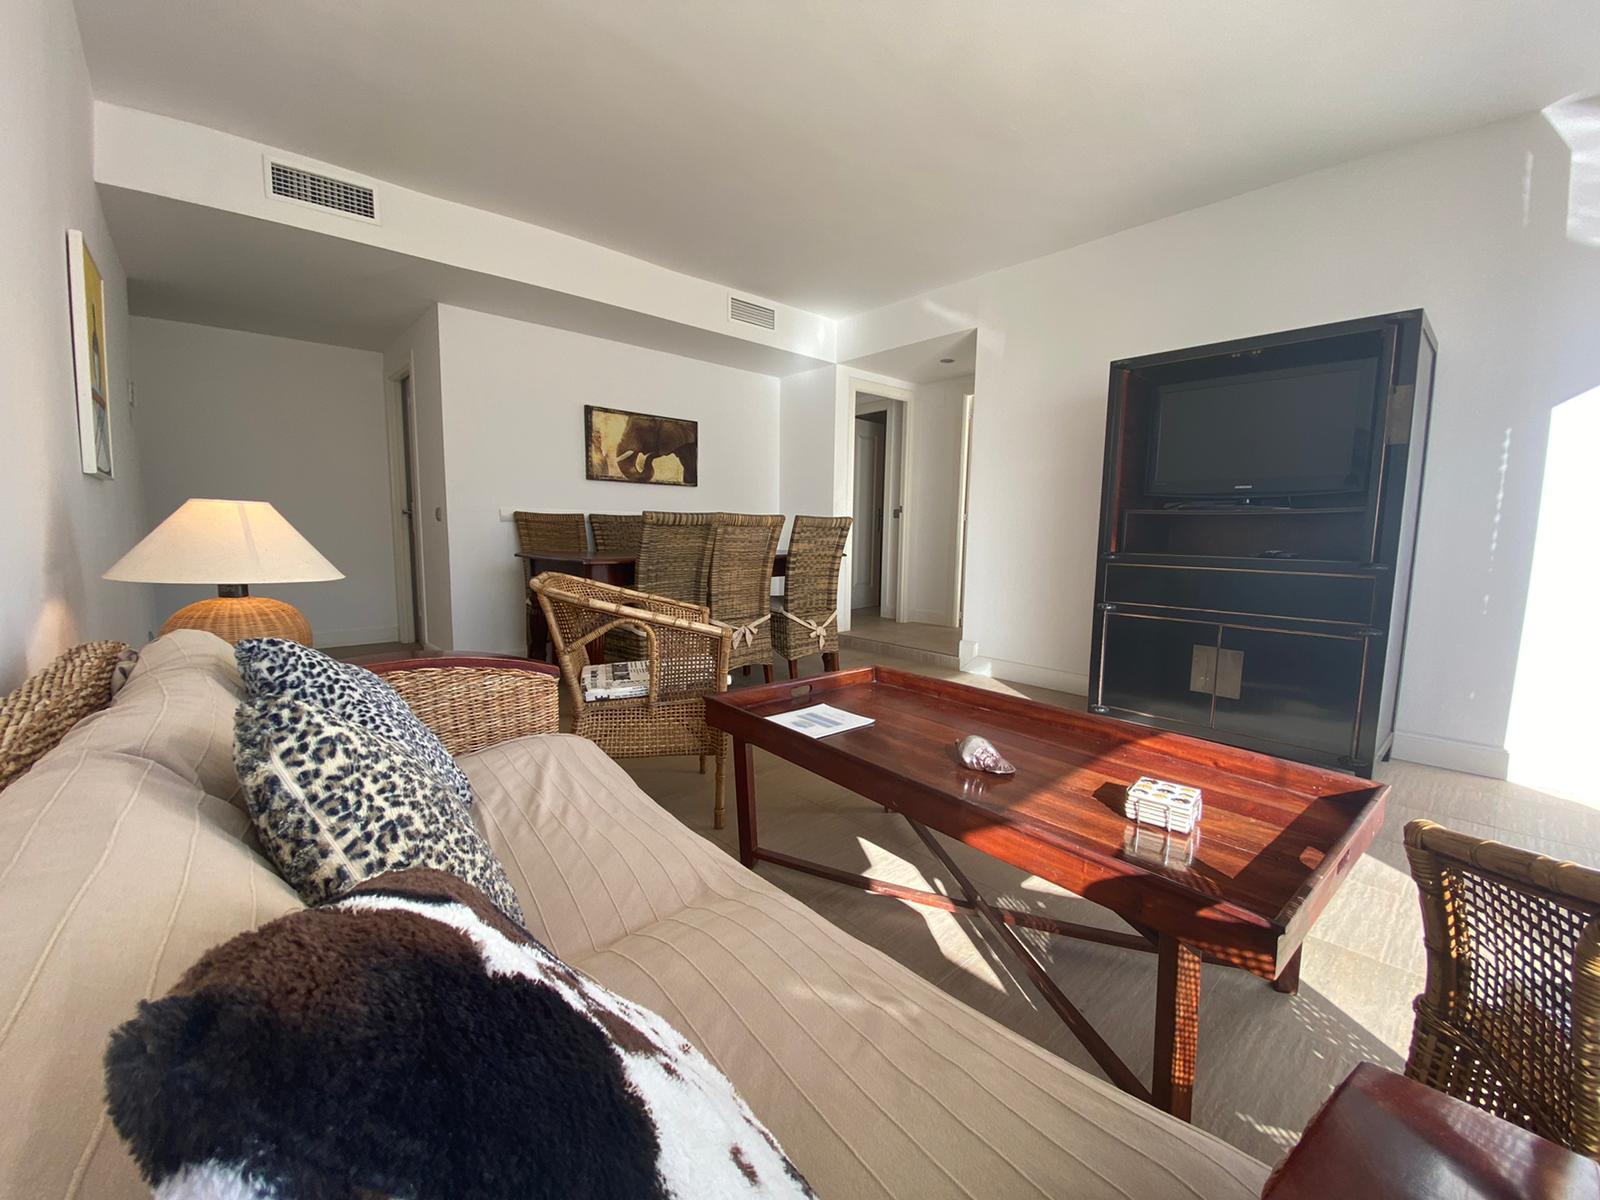 Imagen 23 del Apartamento Turístico, Ático 1 Levante (3d+2b), Punta del Moral (HUELVA), Paseo de la Cruz nº22